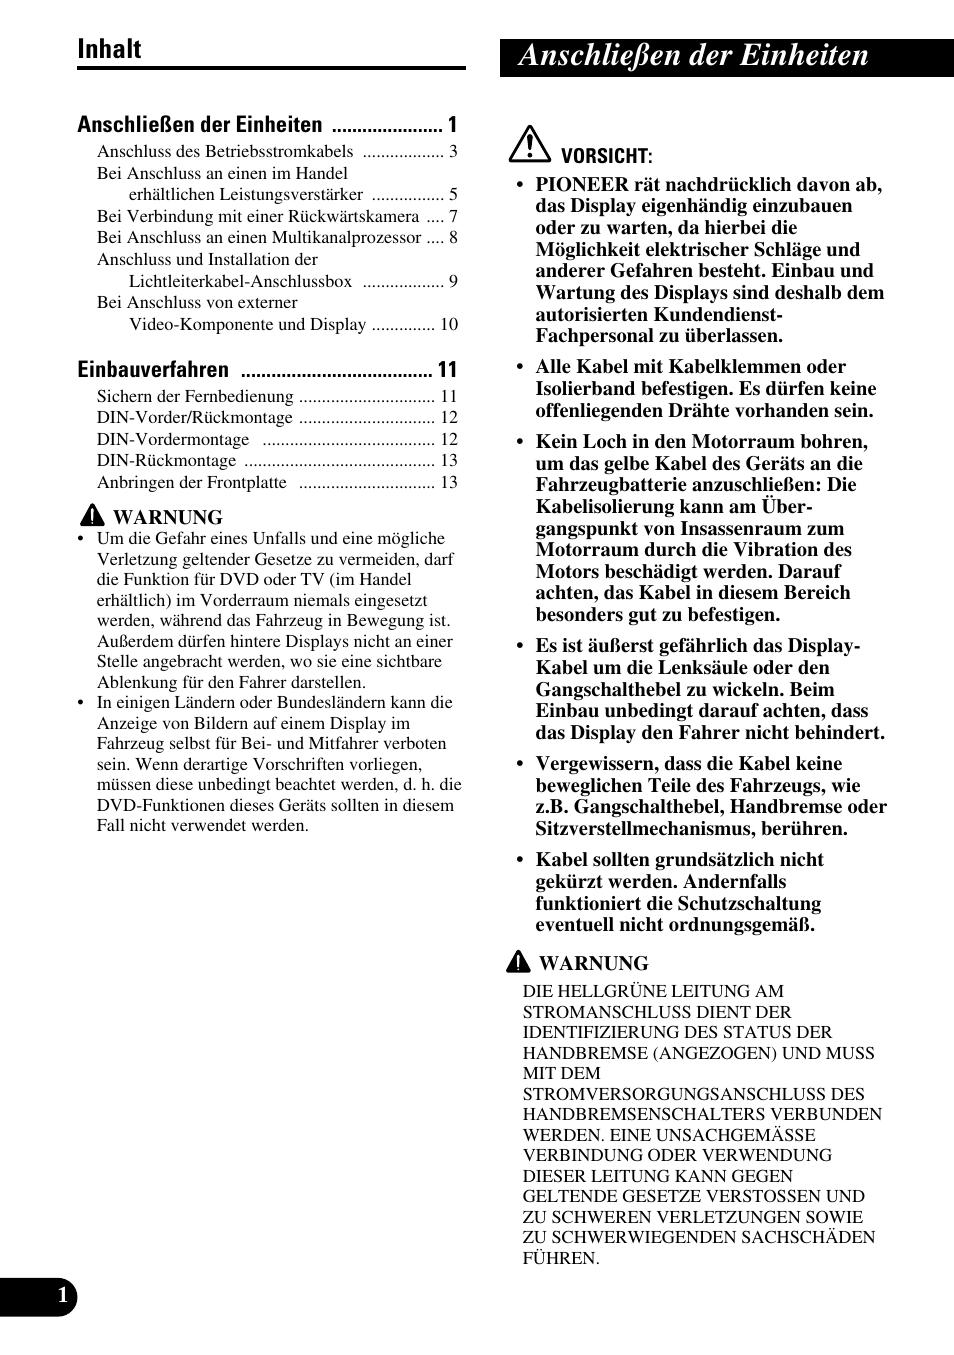 Deutsch, Anschließen der einheiten, Inhalt | Pioneer AVH-P6600DVD ...